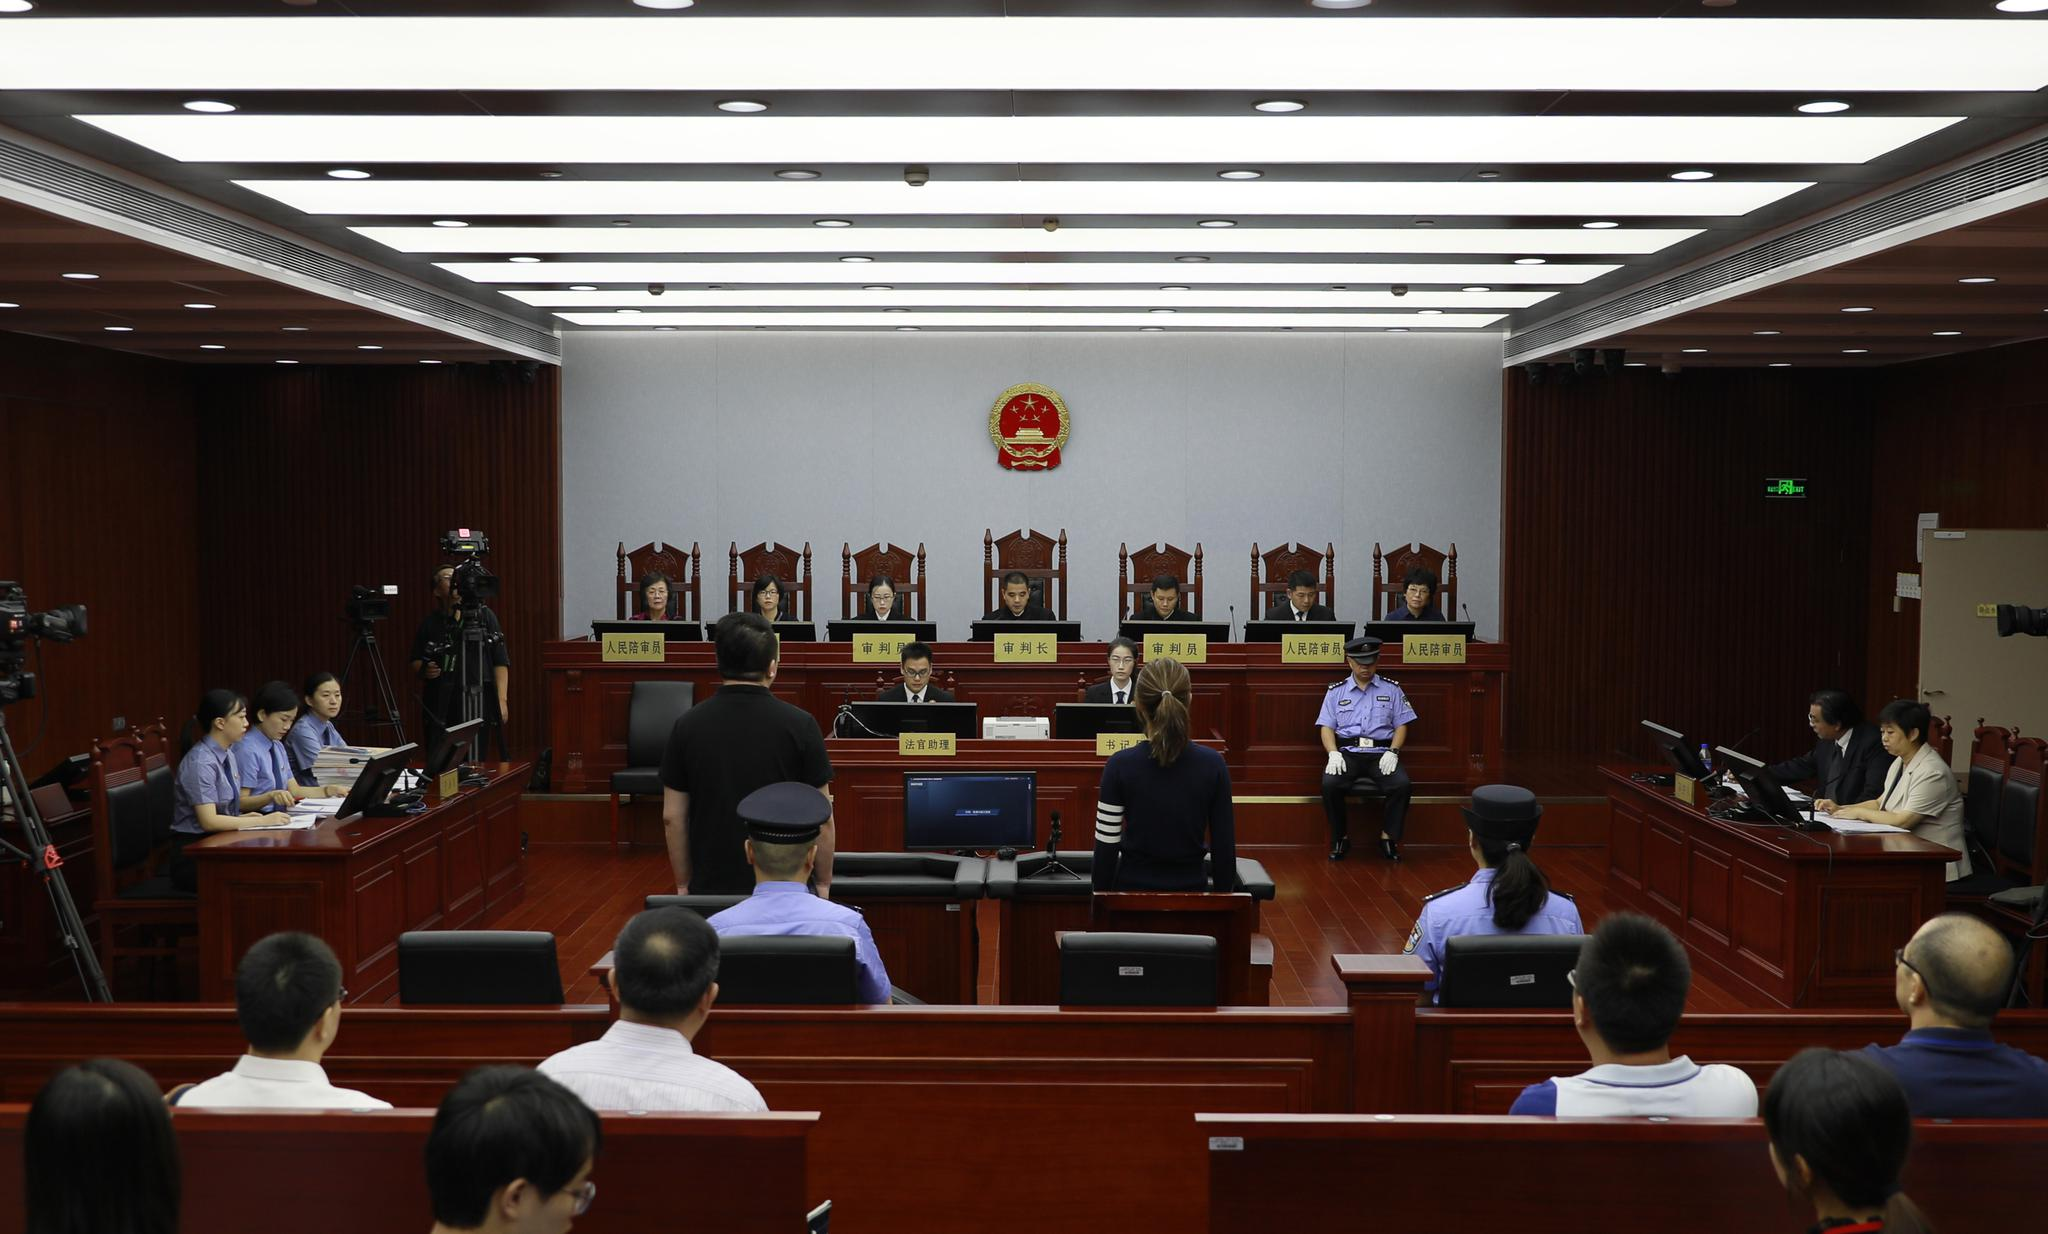 内幕交易屡禁不止:首例金融专家陪审证券类案件开庭